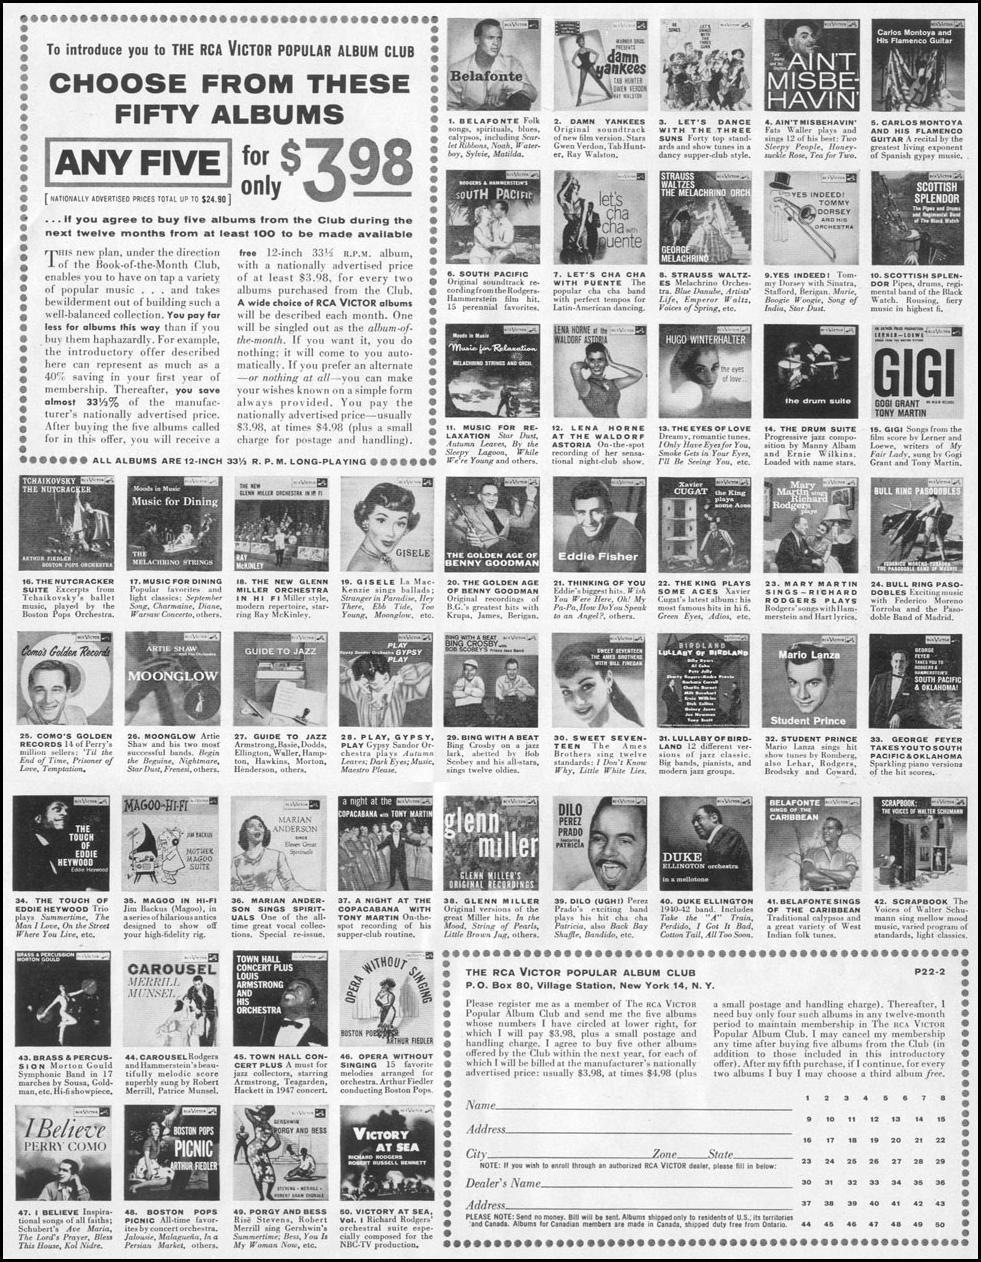 RCA VICTOR POPULAR ALBUM CLUB LIFE 02/09/1959 p. 11